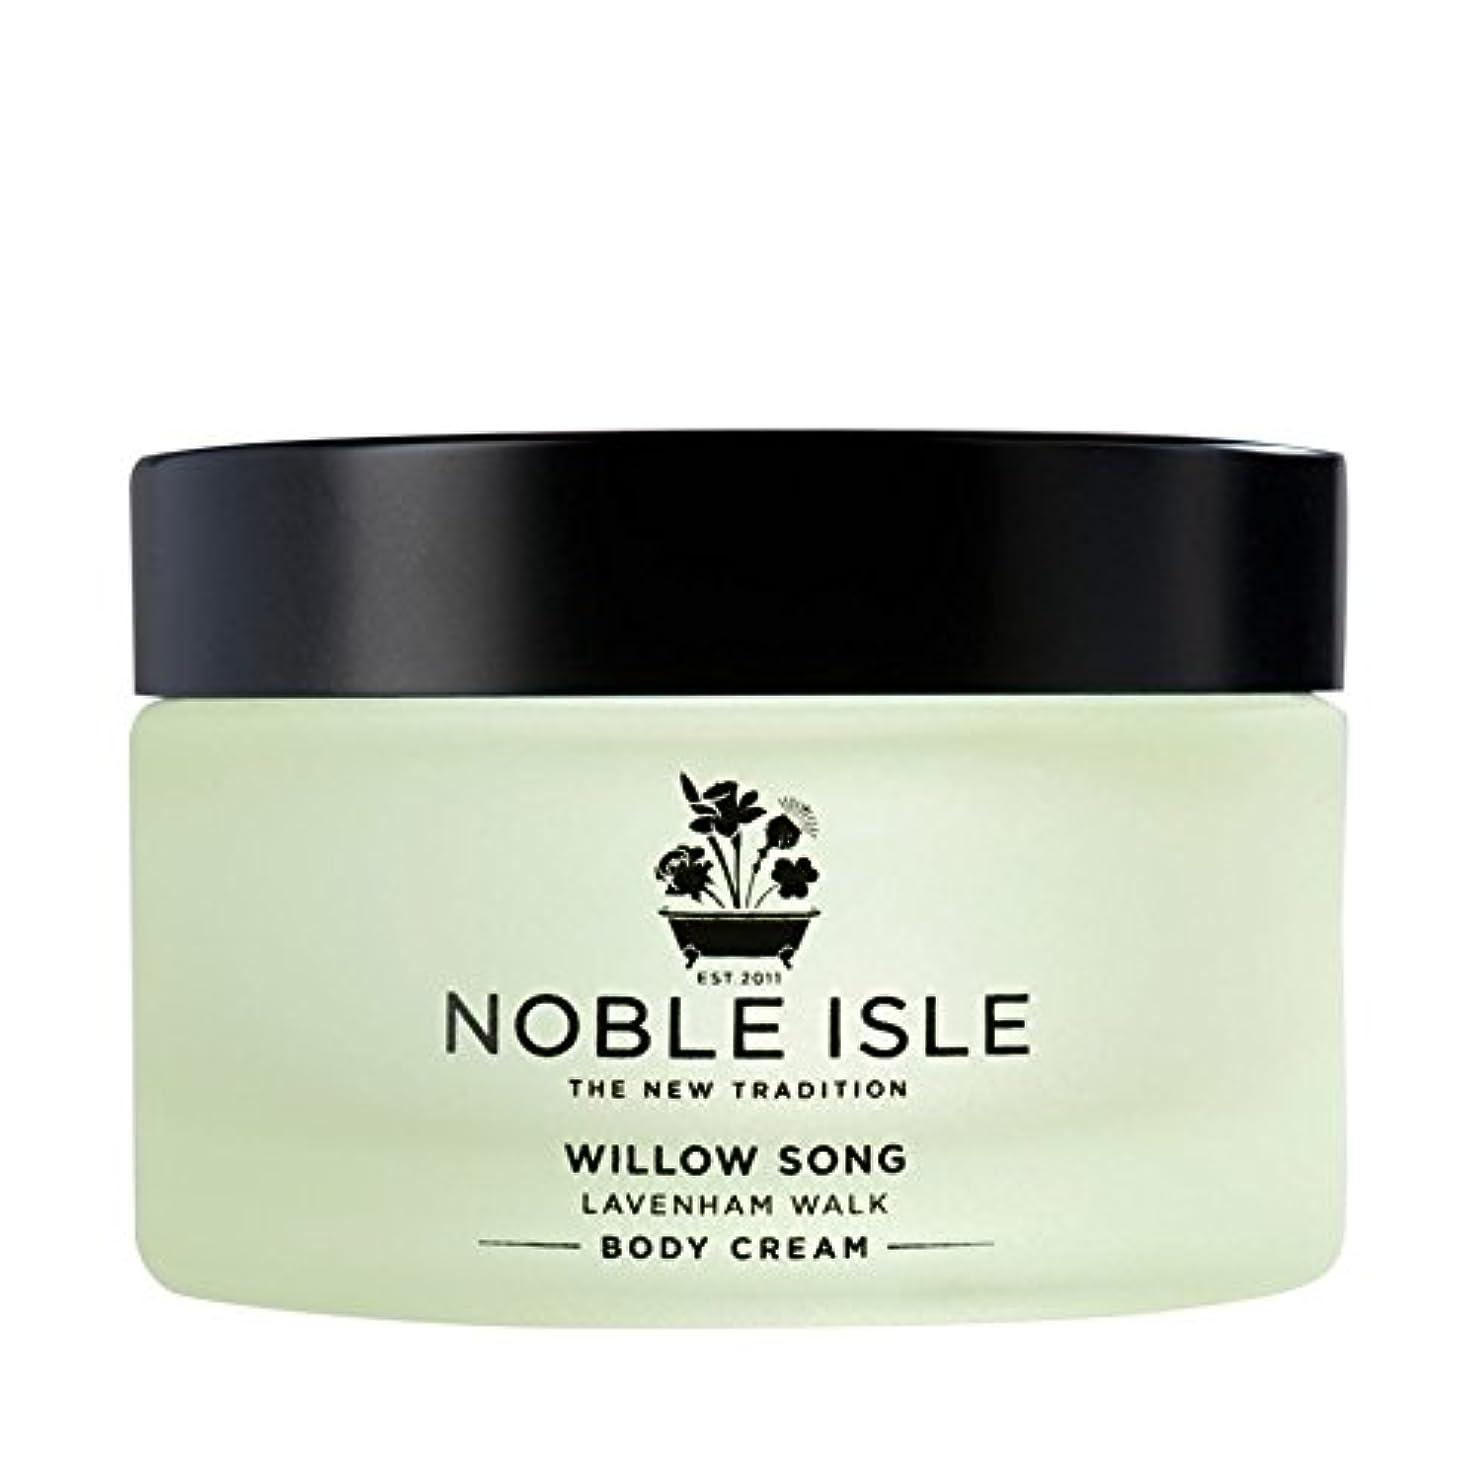 召喚する休戦残忍なNoble Isle Willow Song Lavenham Walk Body Cream 170ml (Pack of 6) - 高貴な島柳の歌ラヴァンハム徒歩ボディクリーム170ミリリットル x6 [並行輸入品]